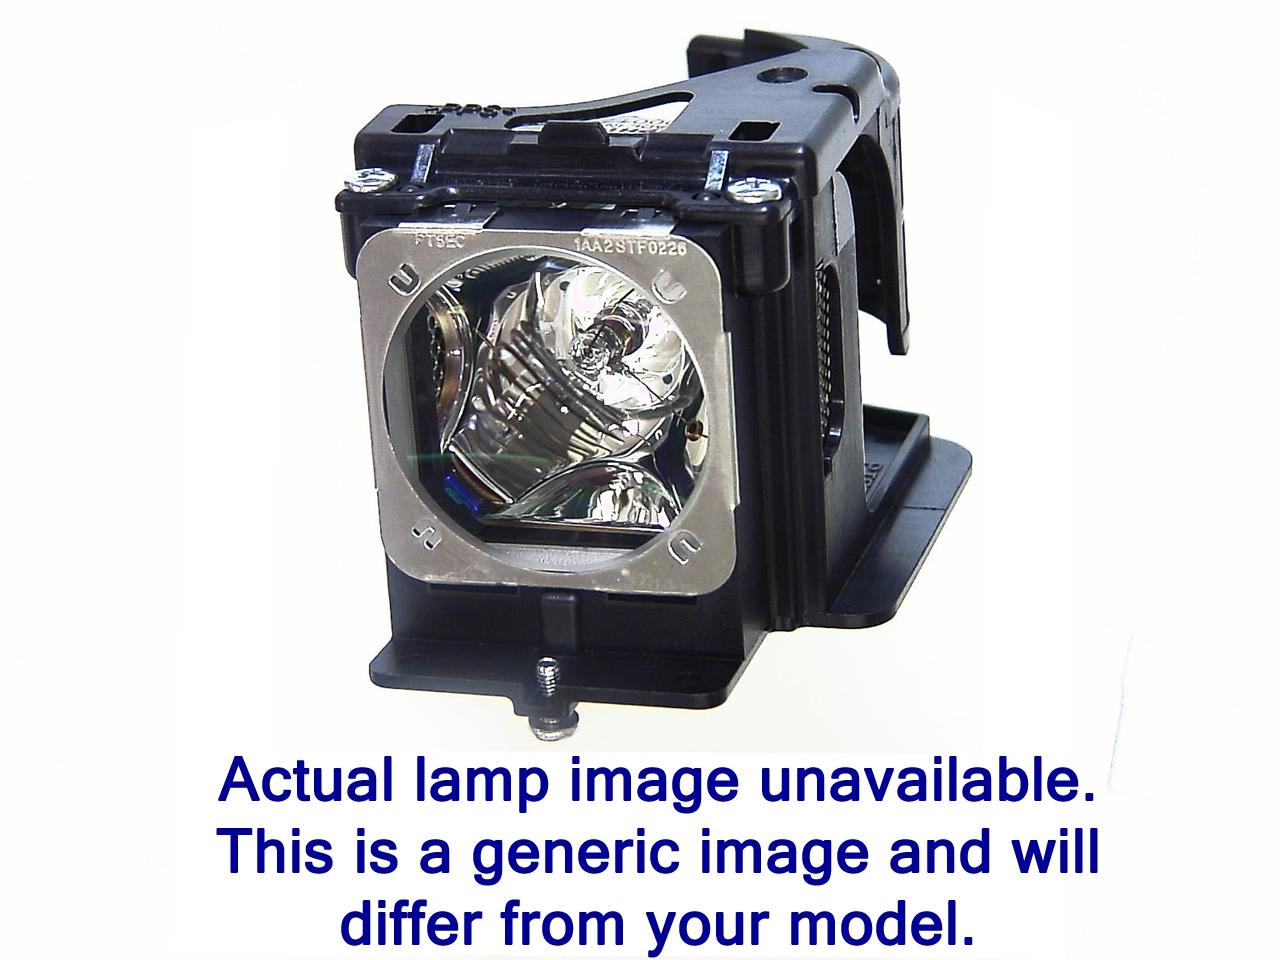 Diamond Lámpara For ASK C160 Proyector.